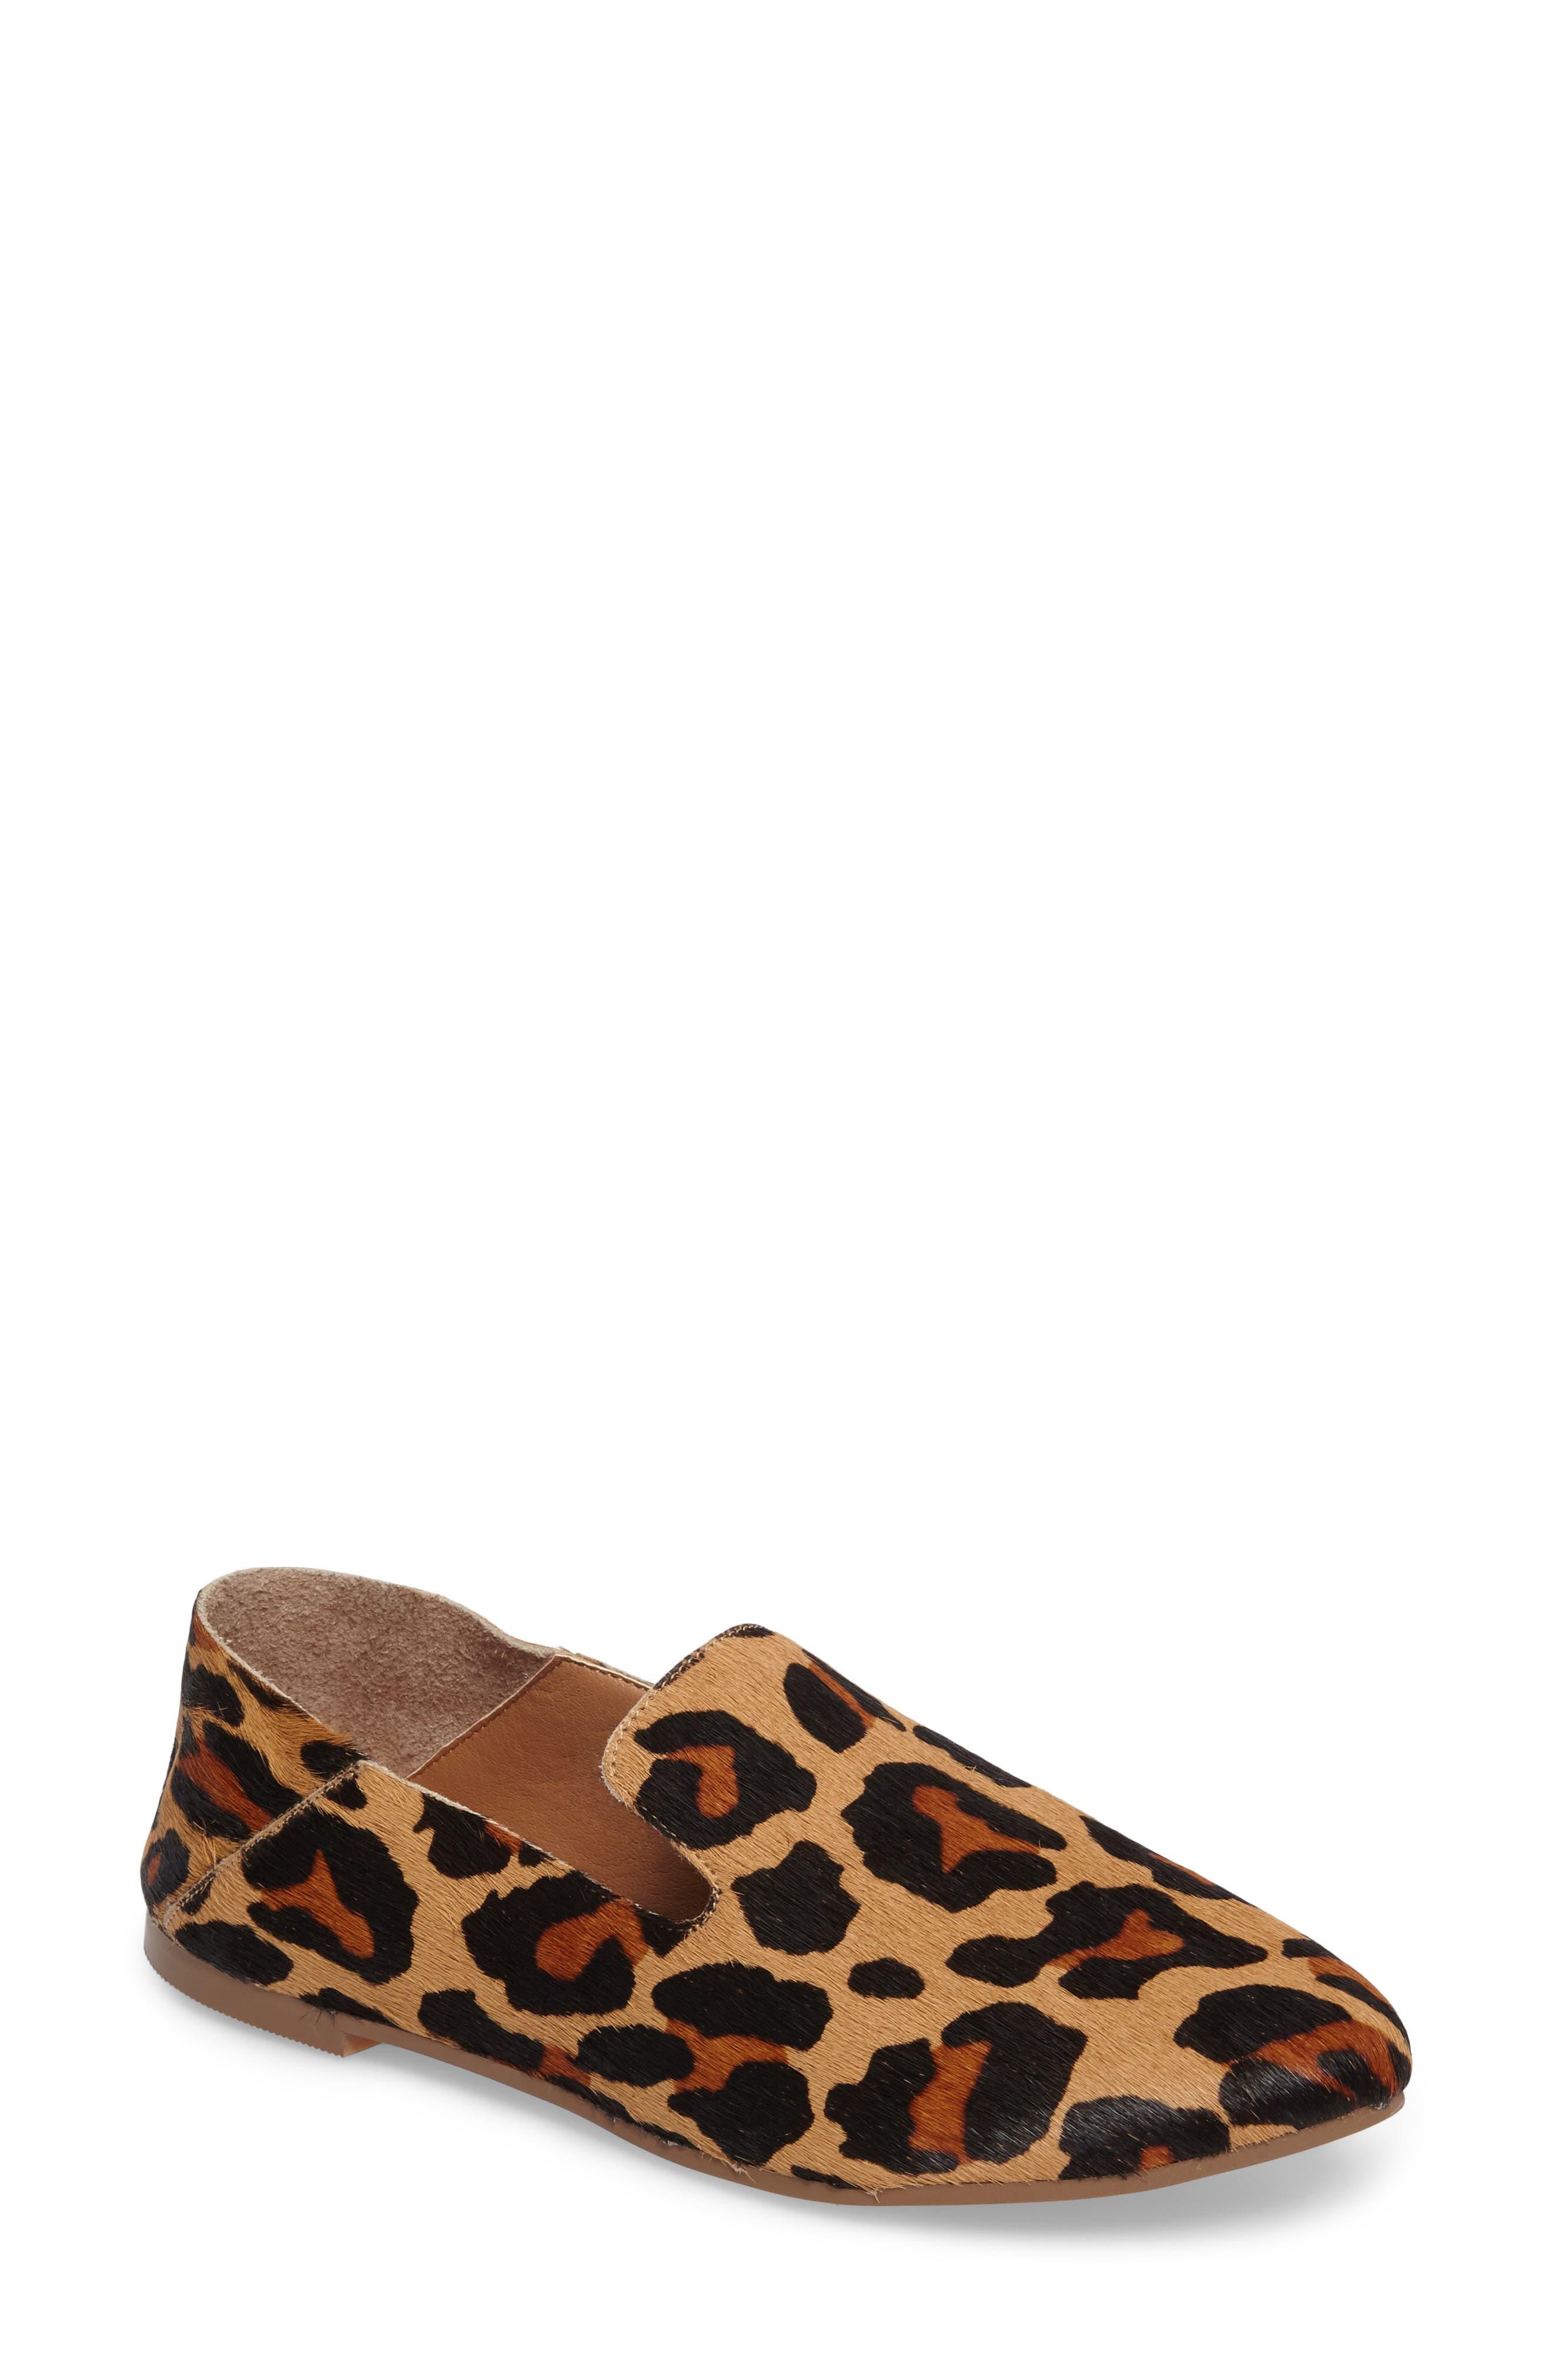 Sylvia Flat,                             Main thumbnail 1, color,                             Leopard Haircalf